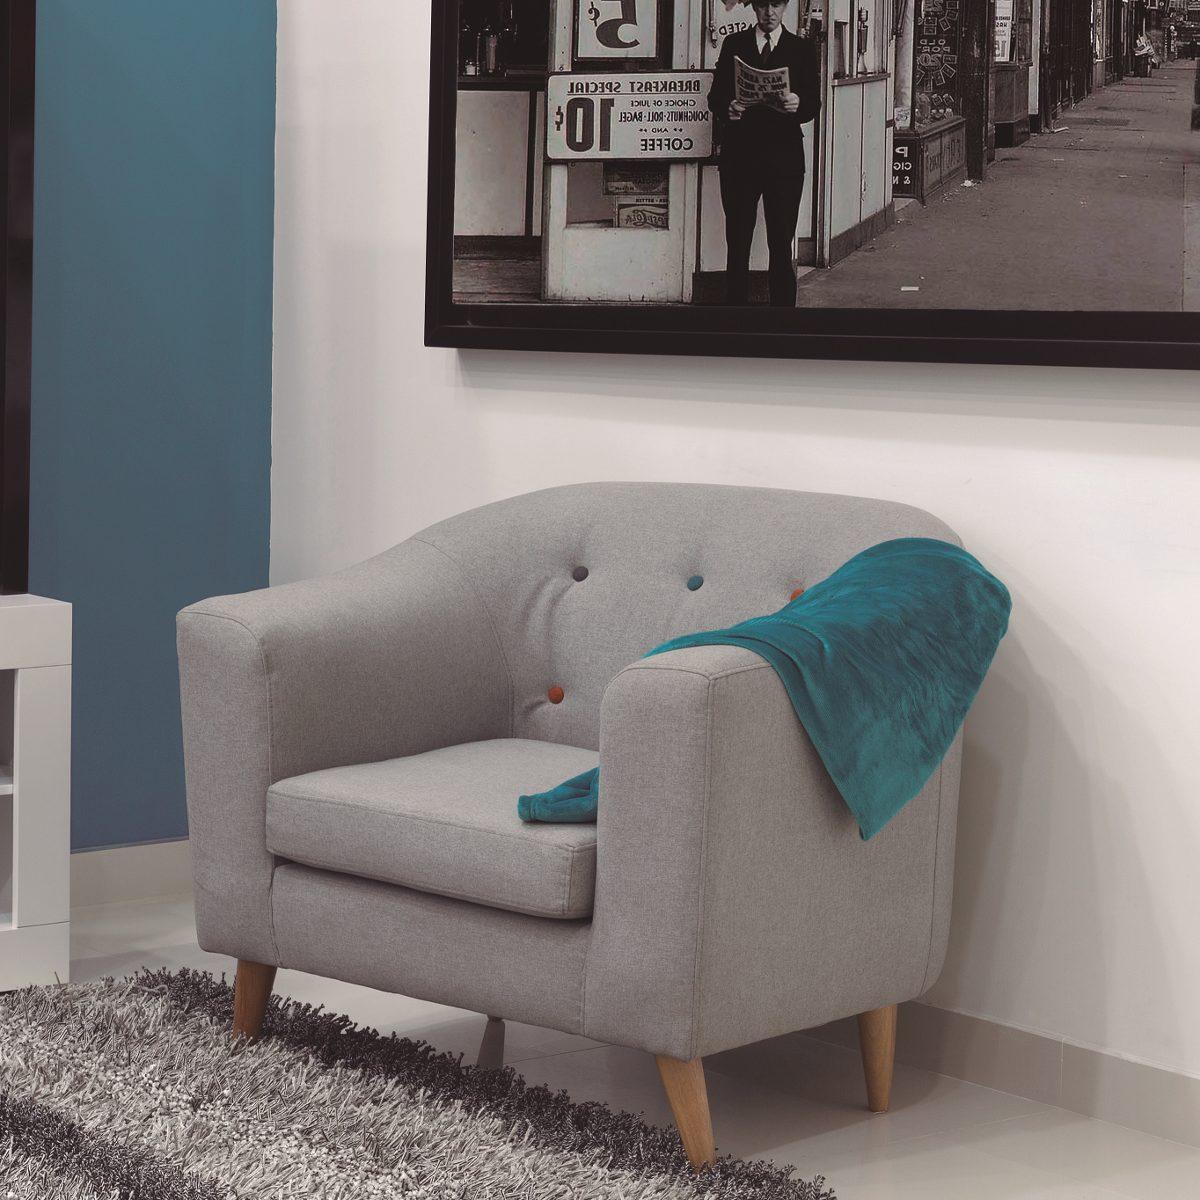 Poltrona moderna con patas en madera y botones ori n en mercado libre for Salas modernas precios